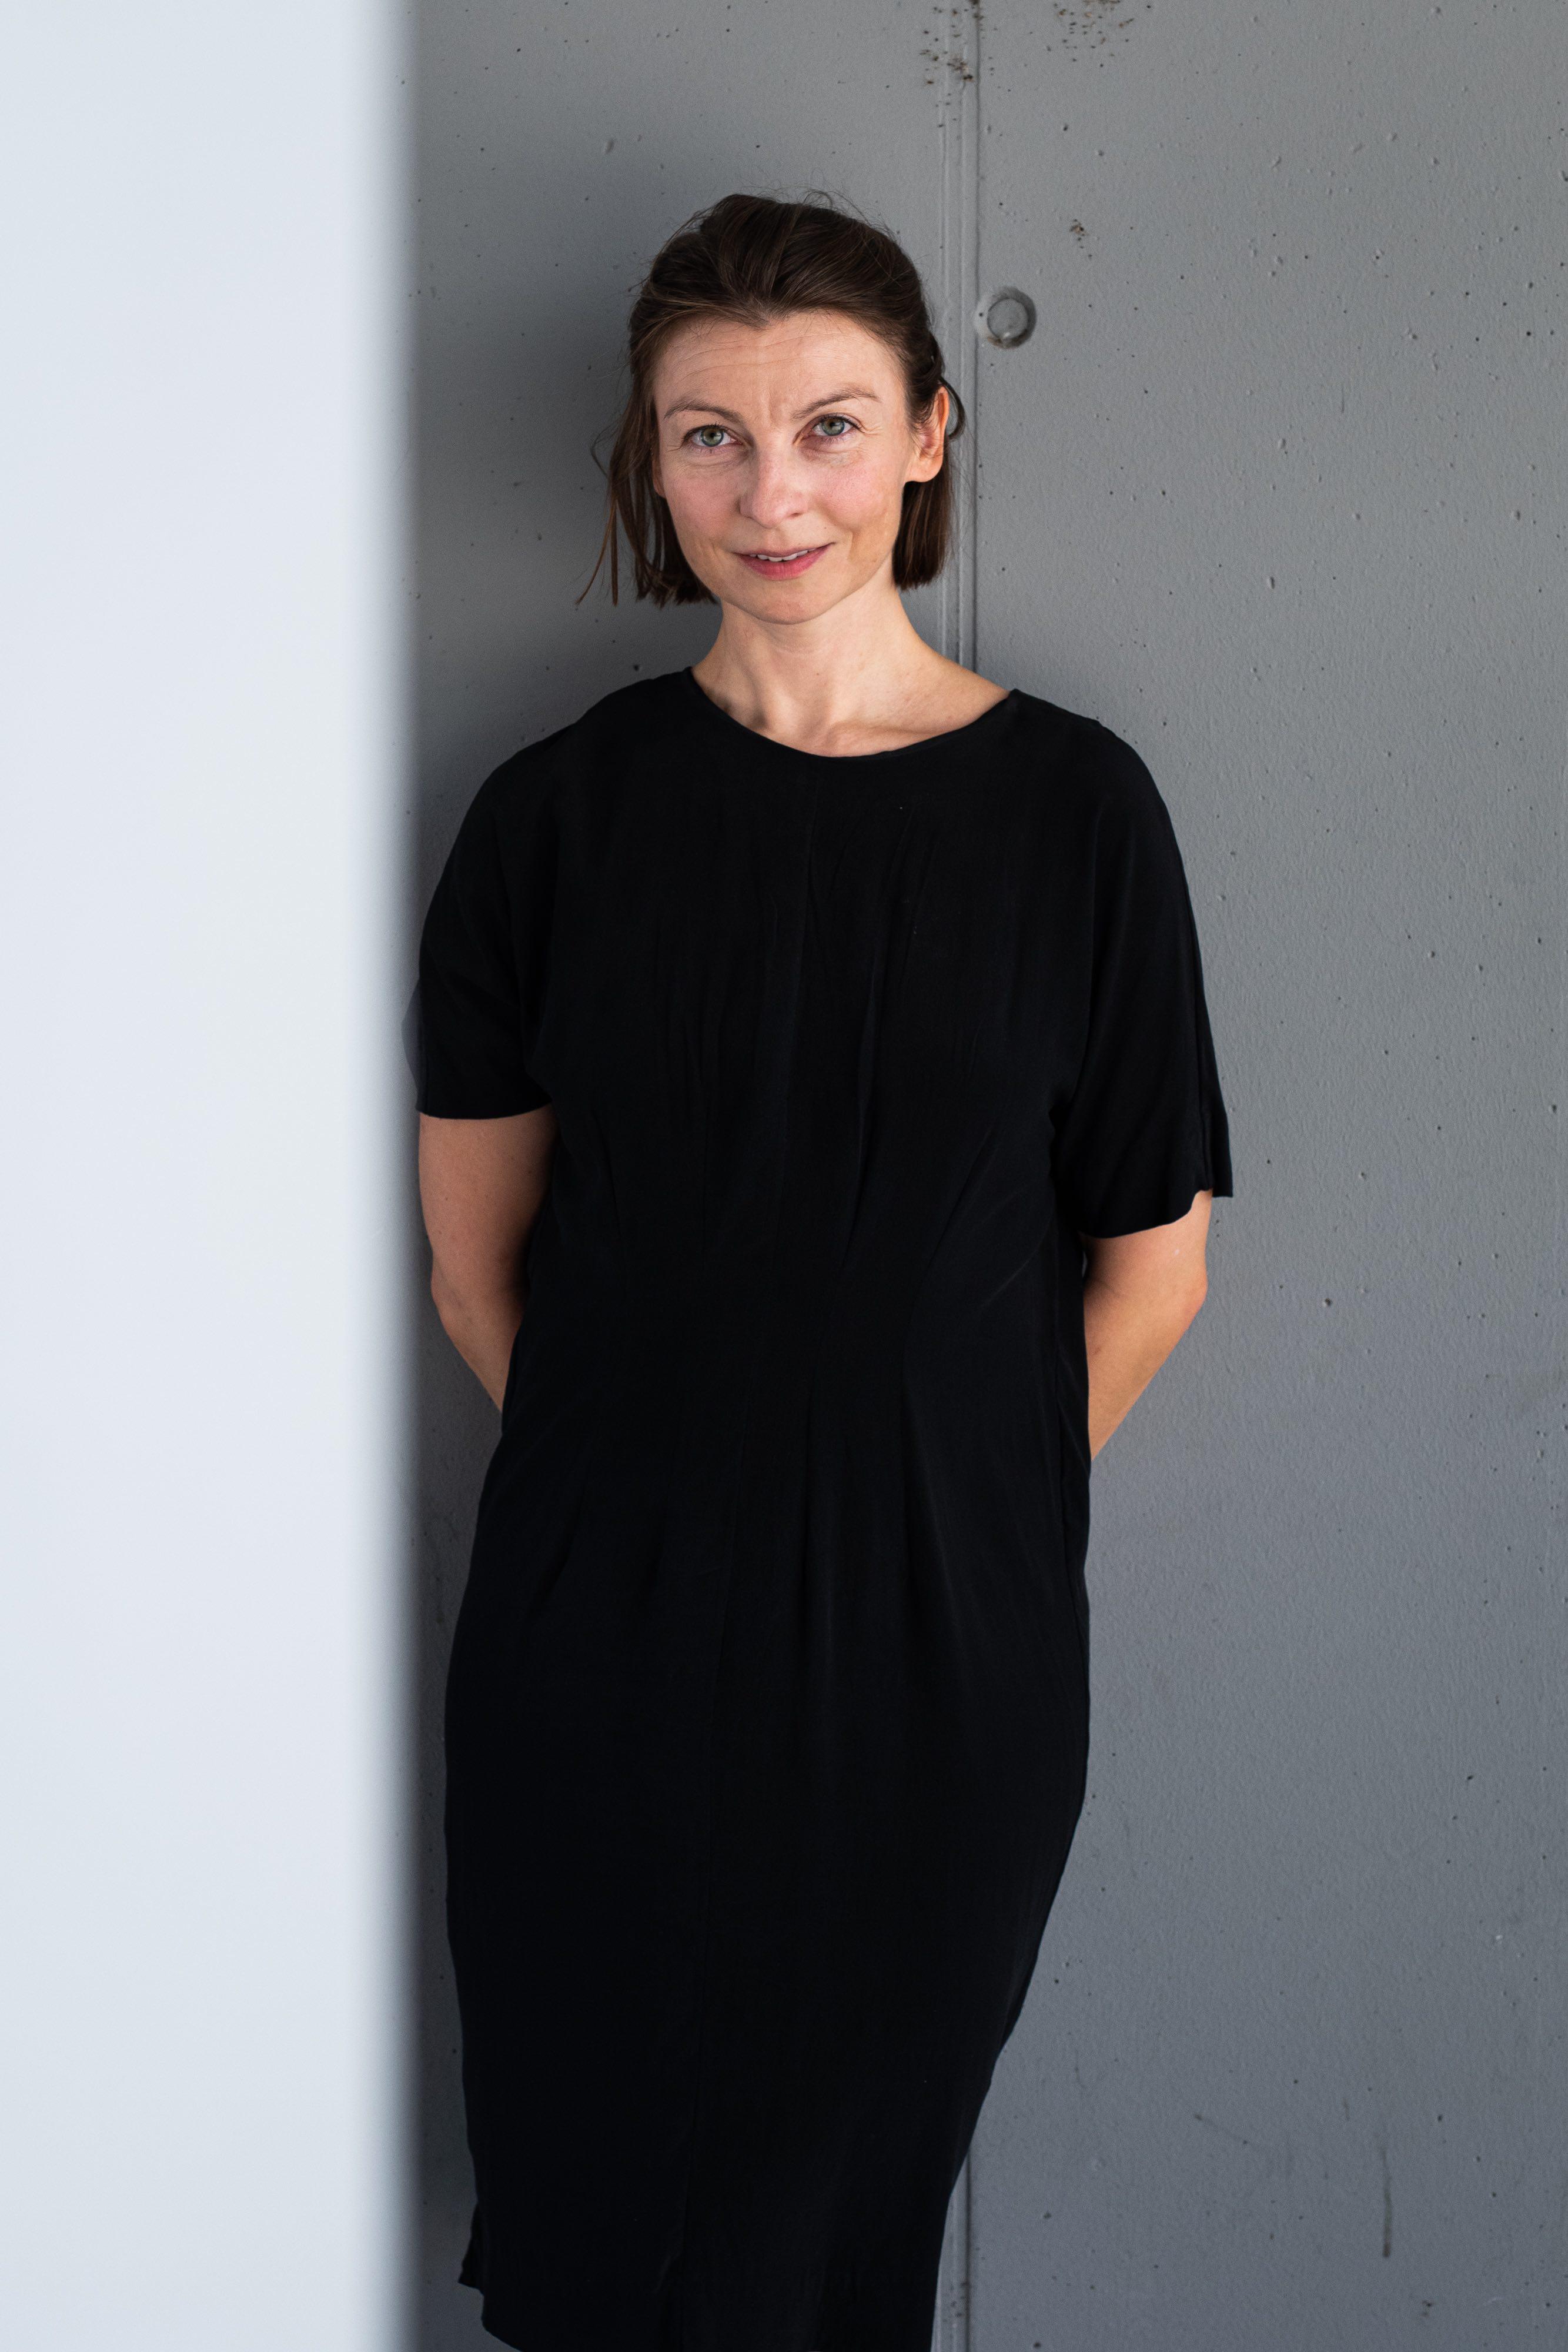 Julia_VolkerSchmidt-17-kl